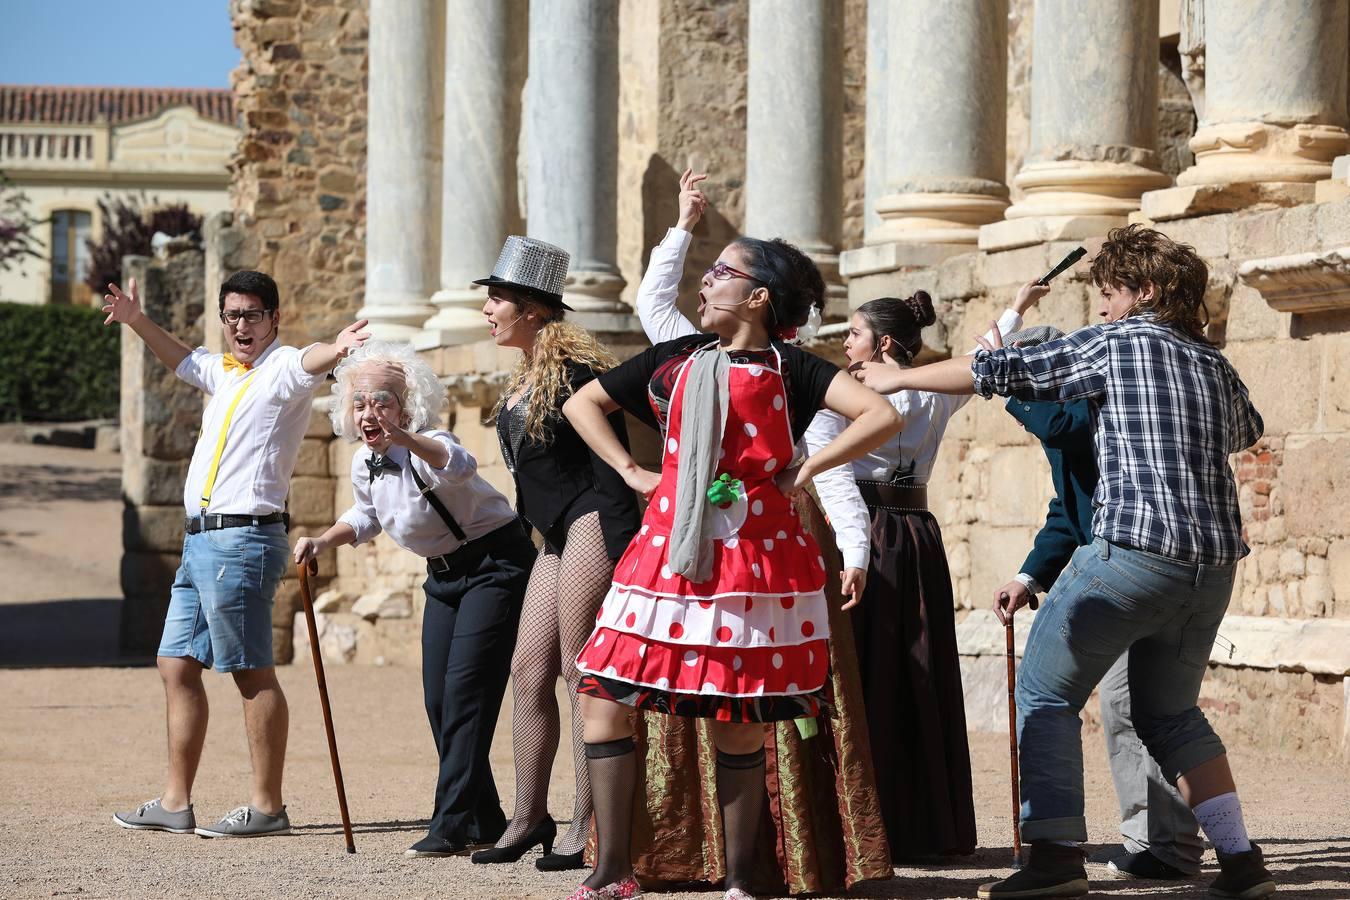 'Cásina' de Plauto se estrena en el Festival de Teatro Grecolatino de Mérida